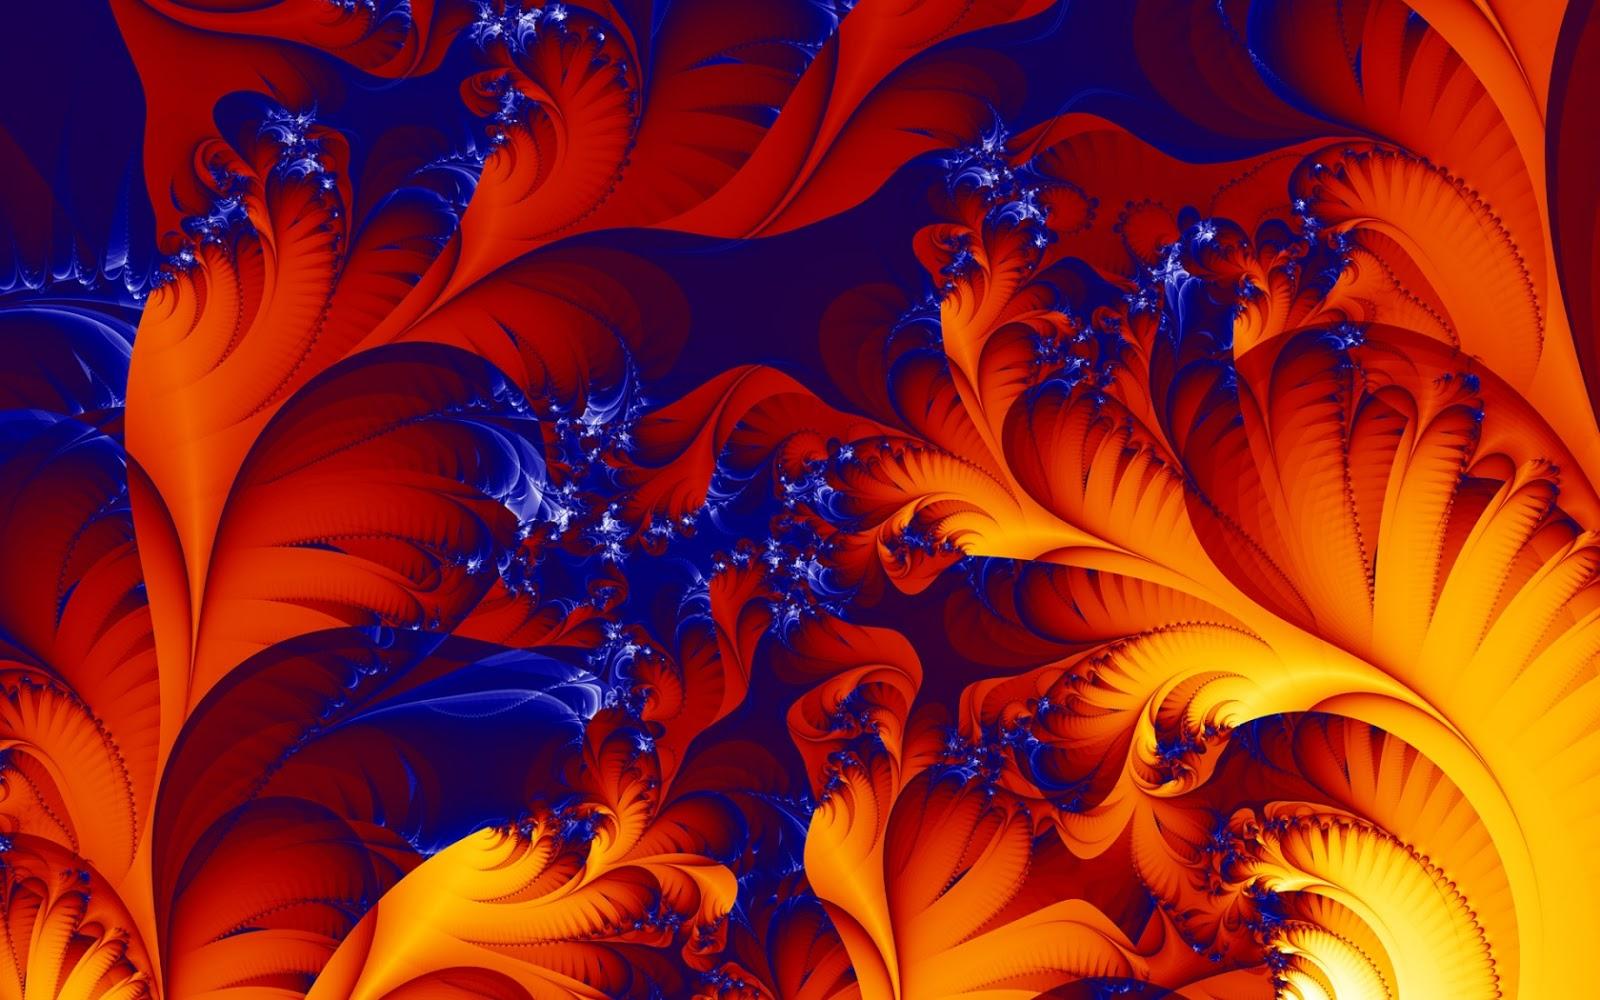 Wallpaper Hd Widescreen High Quality Desktop 3d 2015